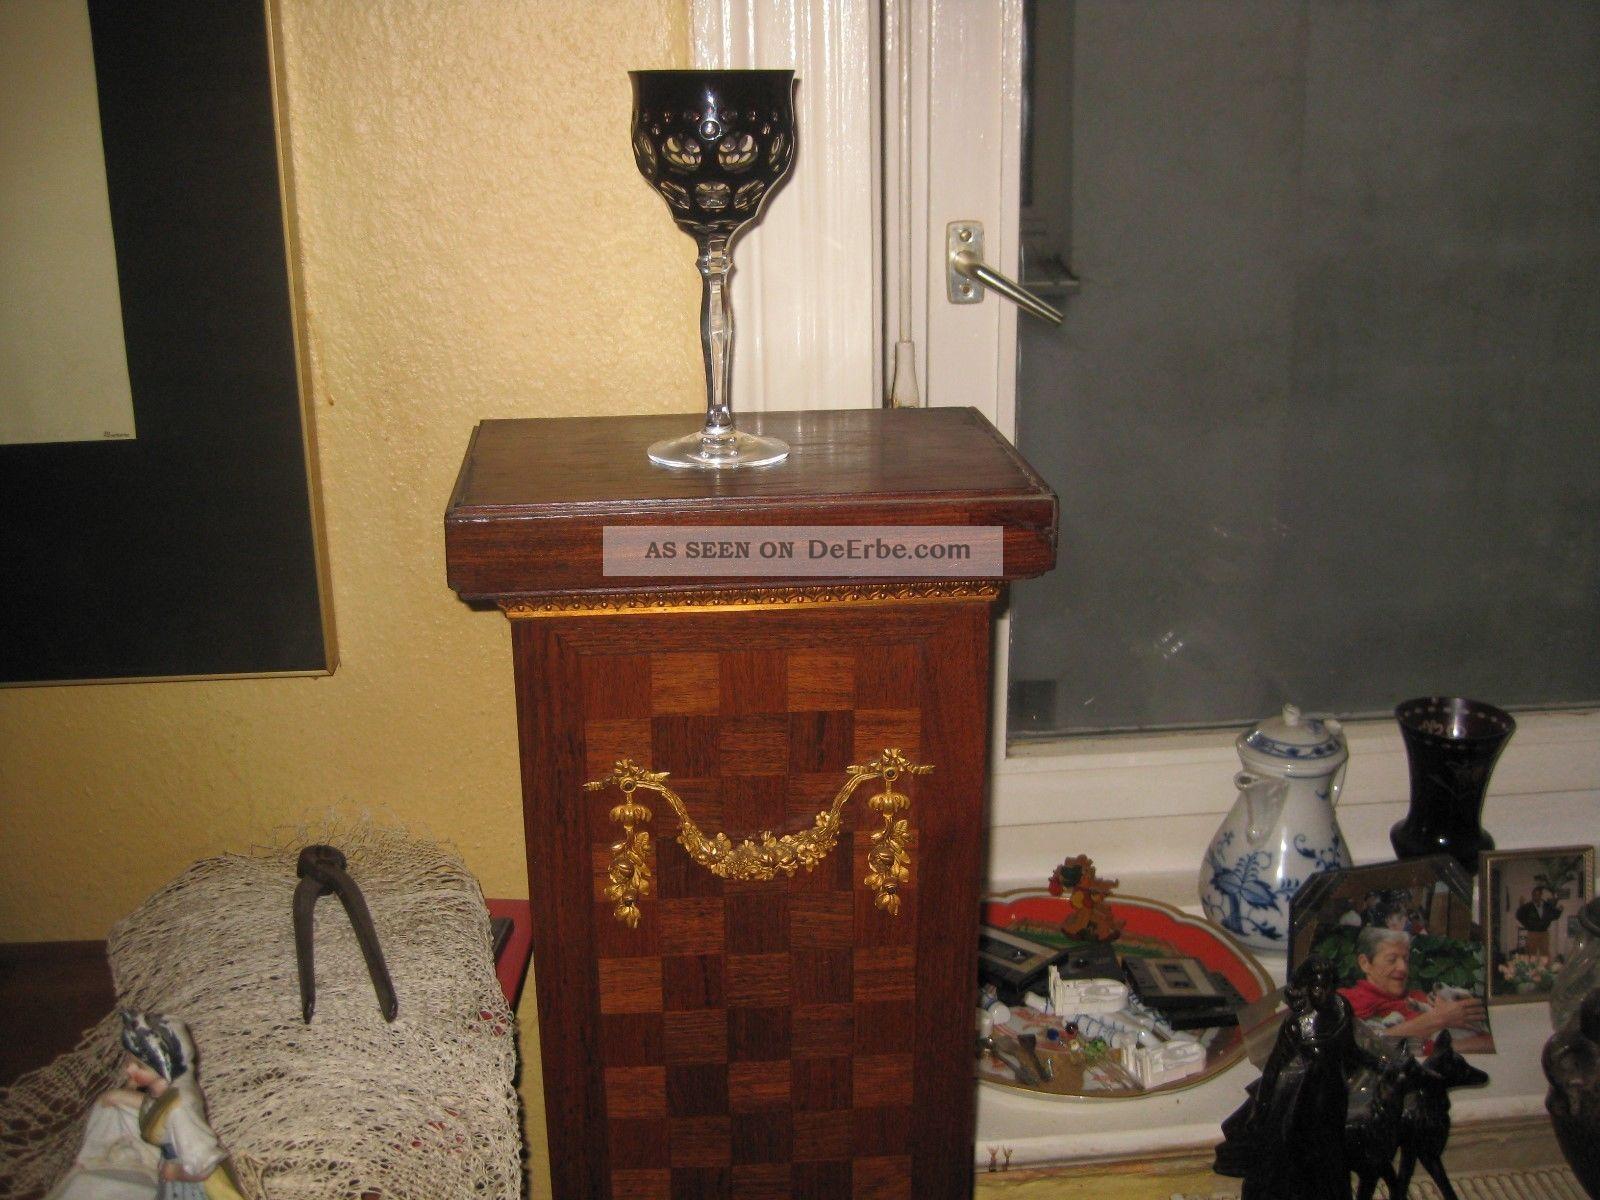 Karl Rotter Wein Glas Sehr Selten Sammlerglas Bild